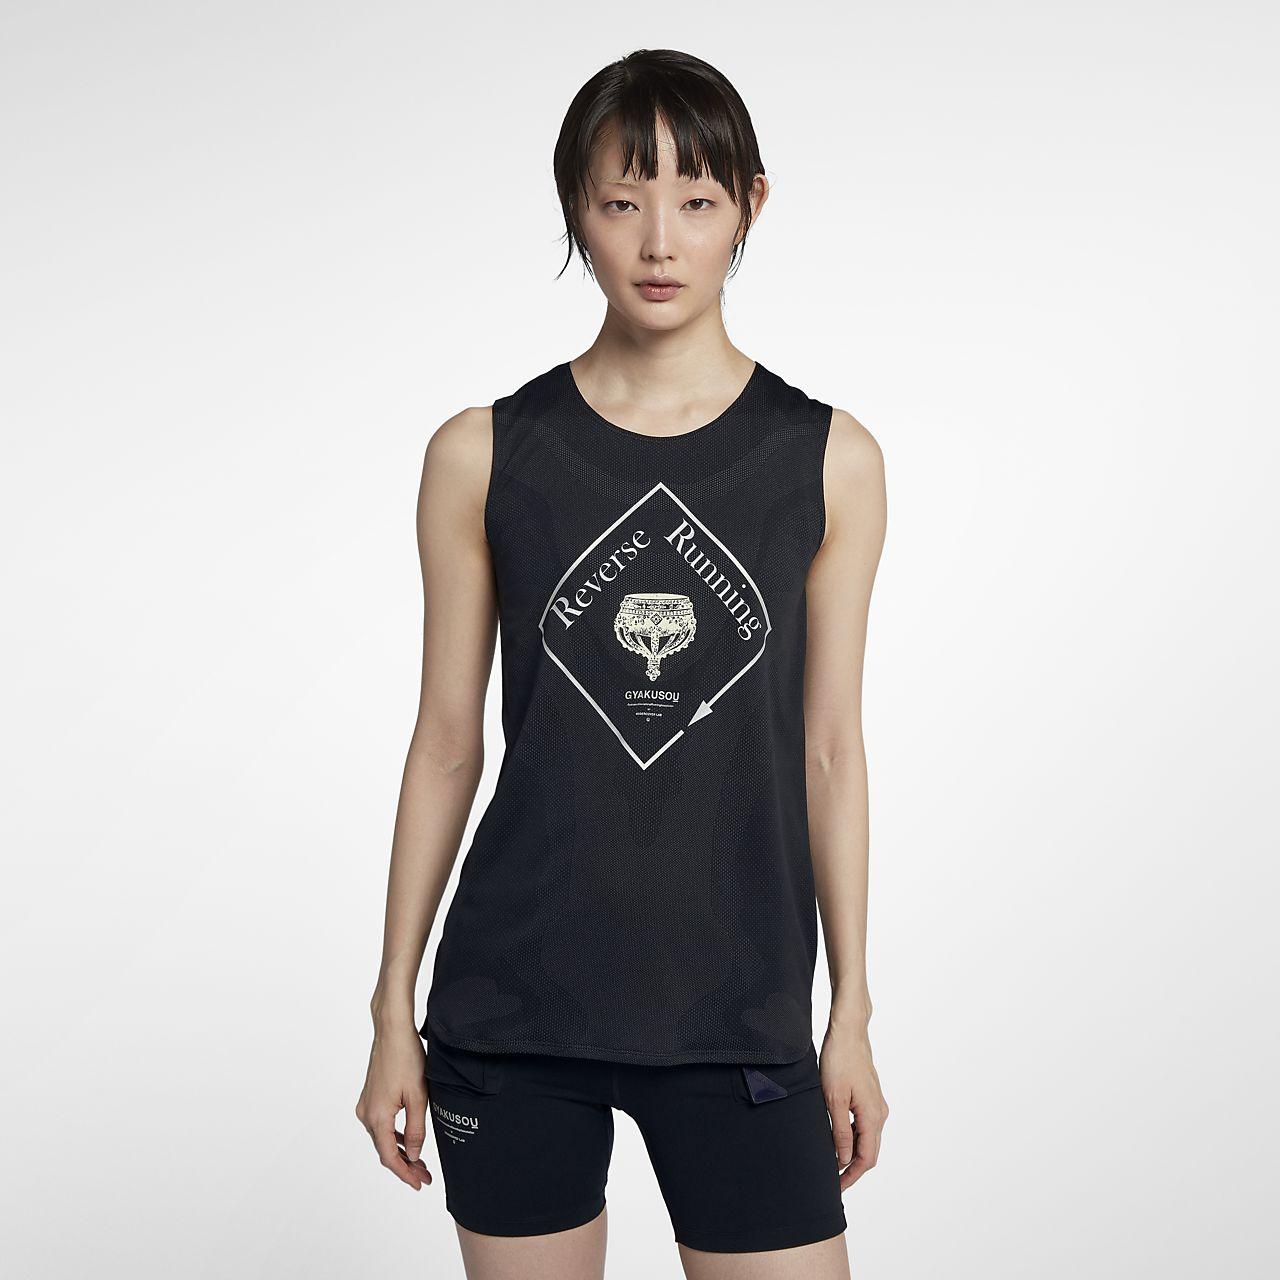 เสื้อกล้ามผู้หญิง NikeLab Gyakusou Dri-FIT